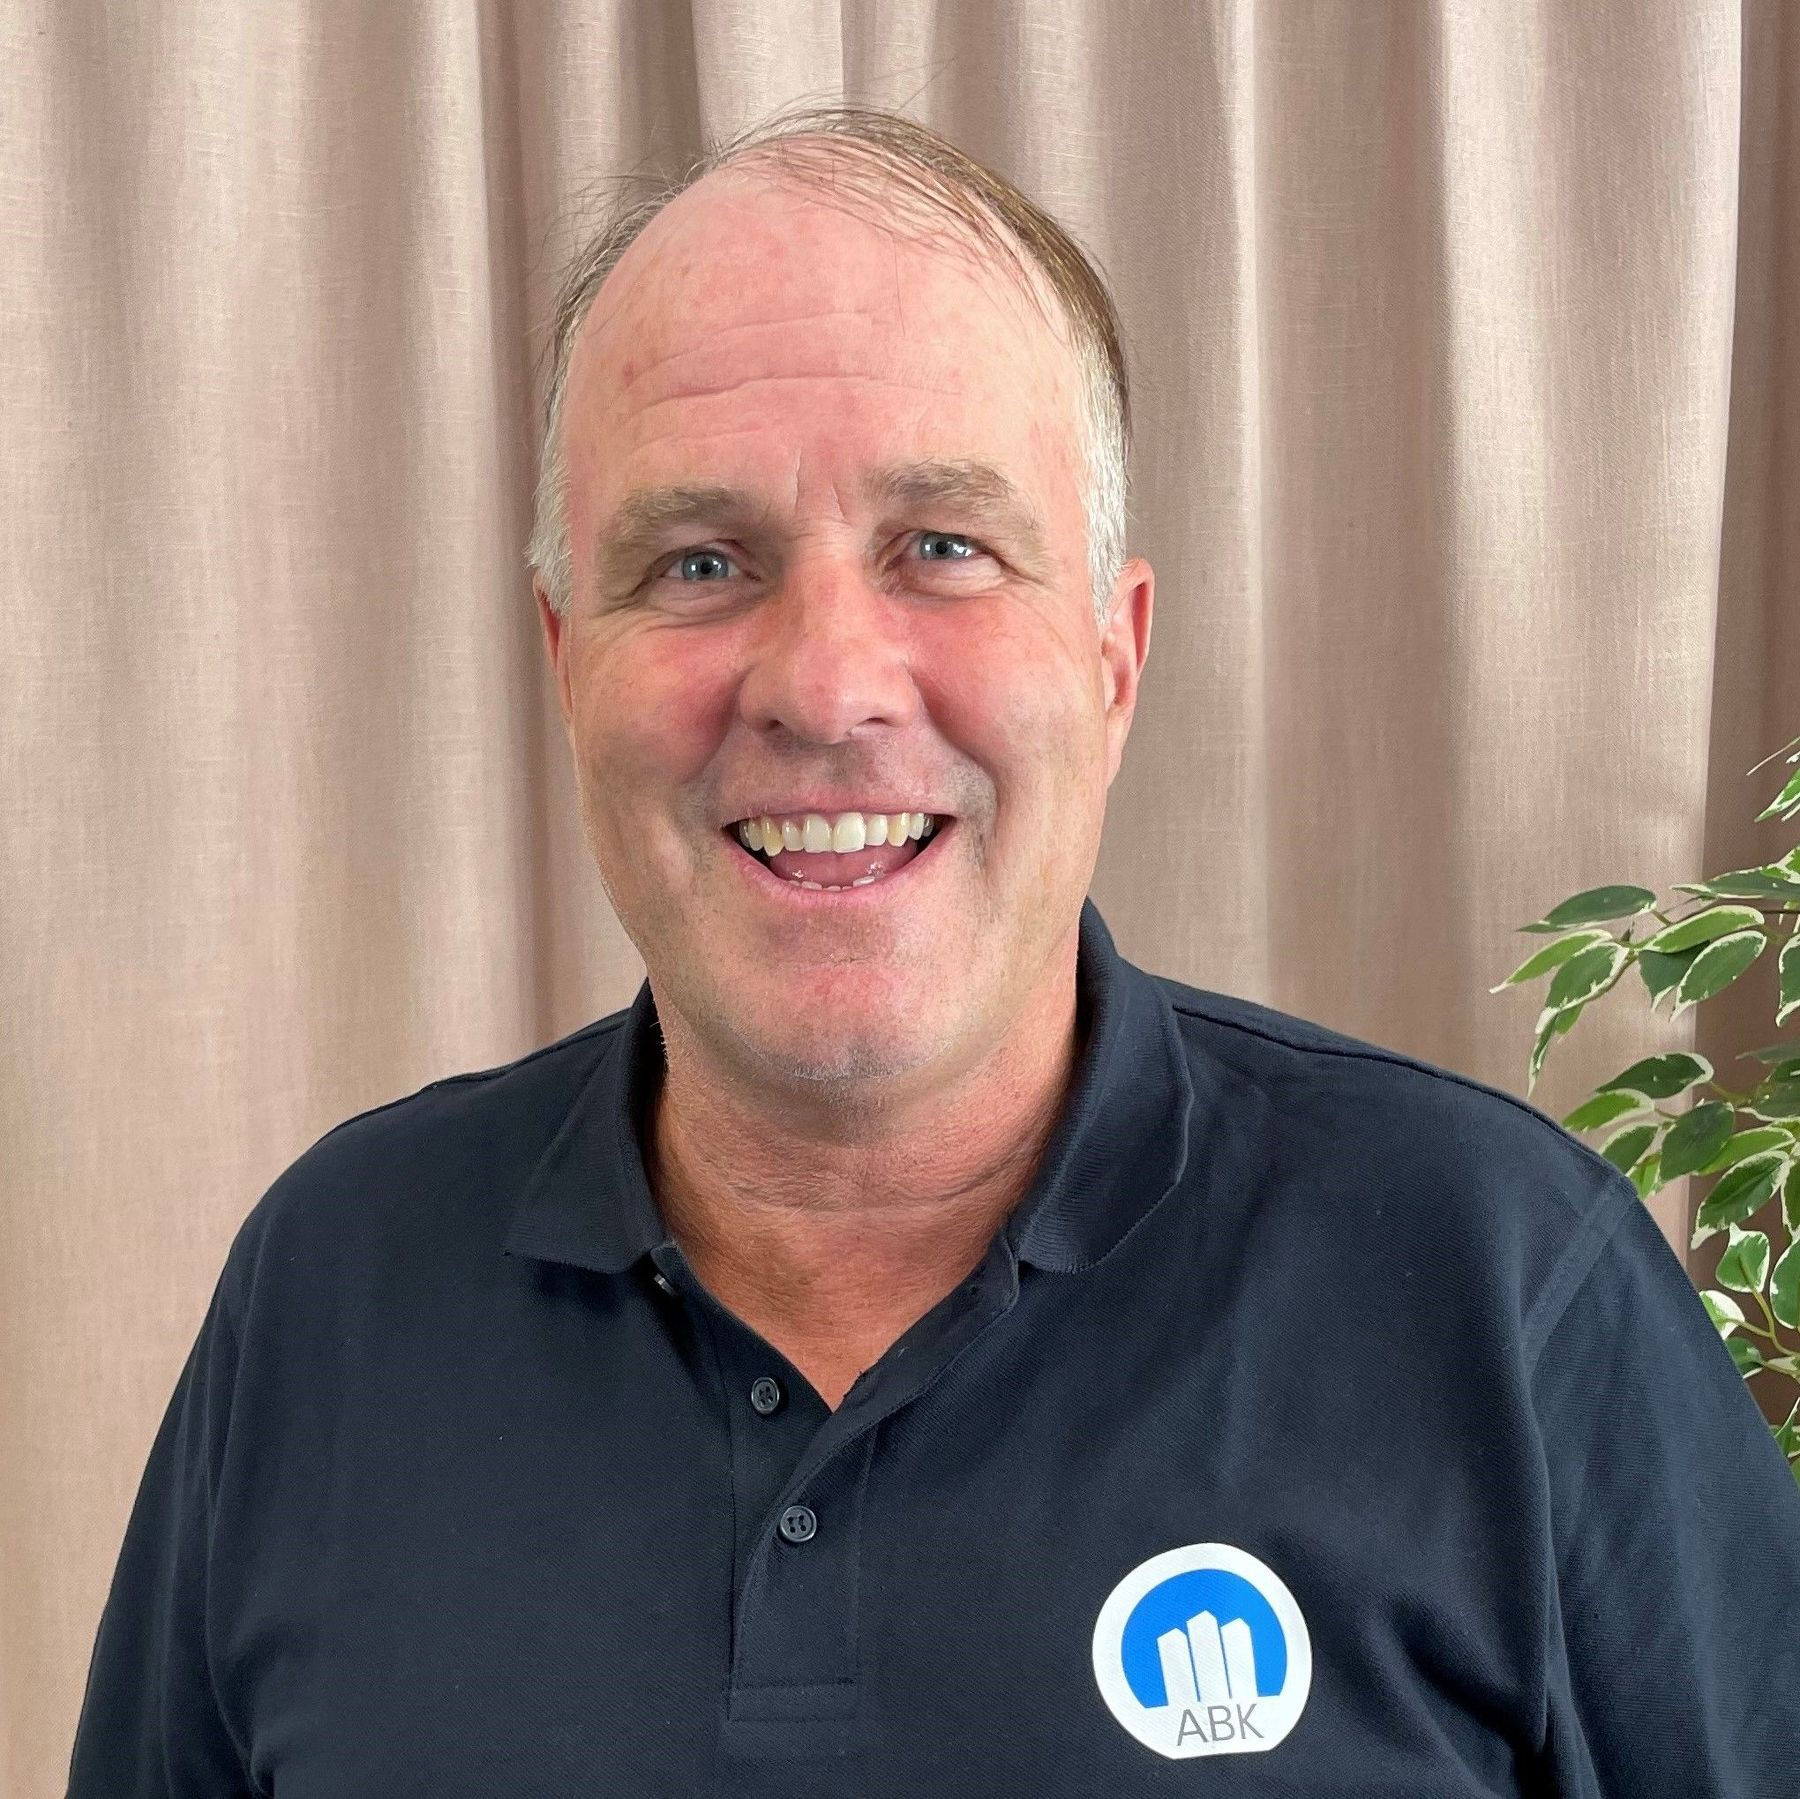 Magnus Englesson